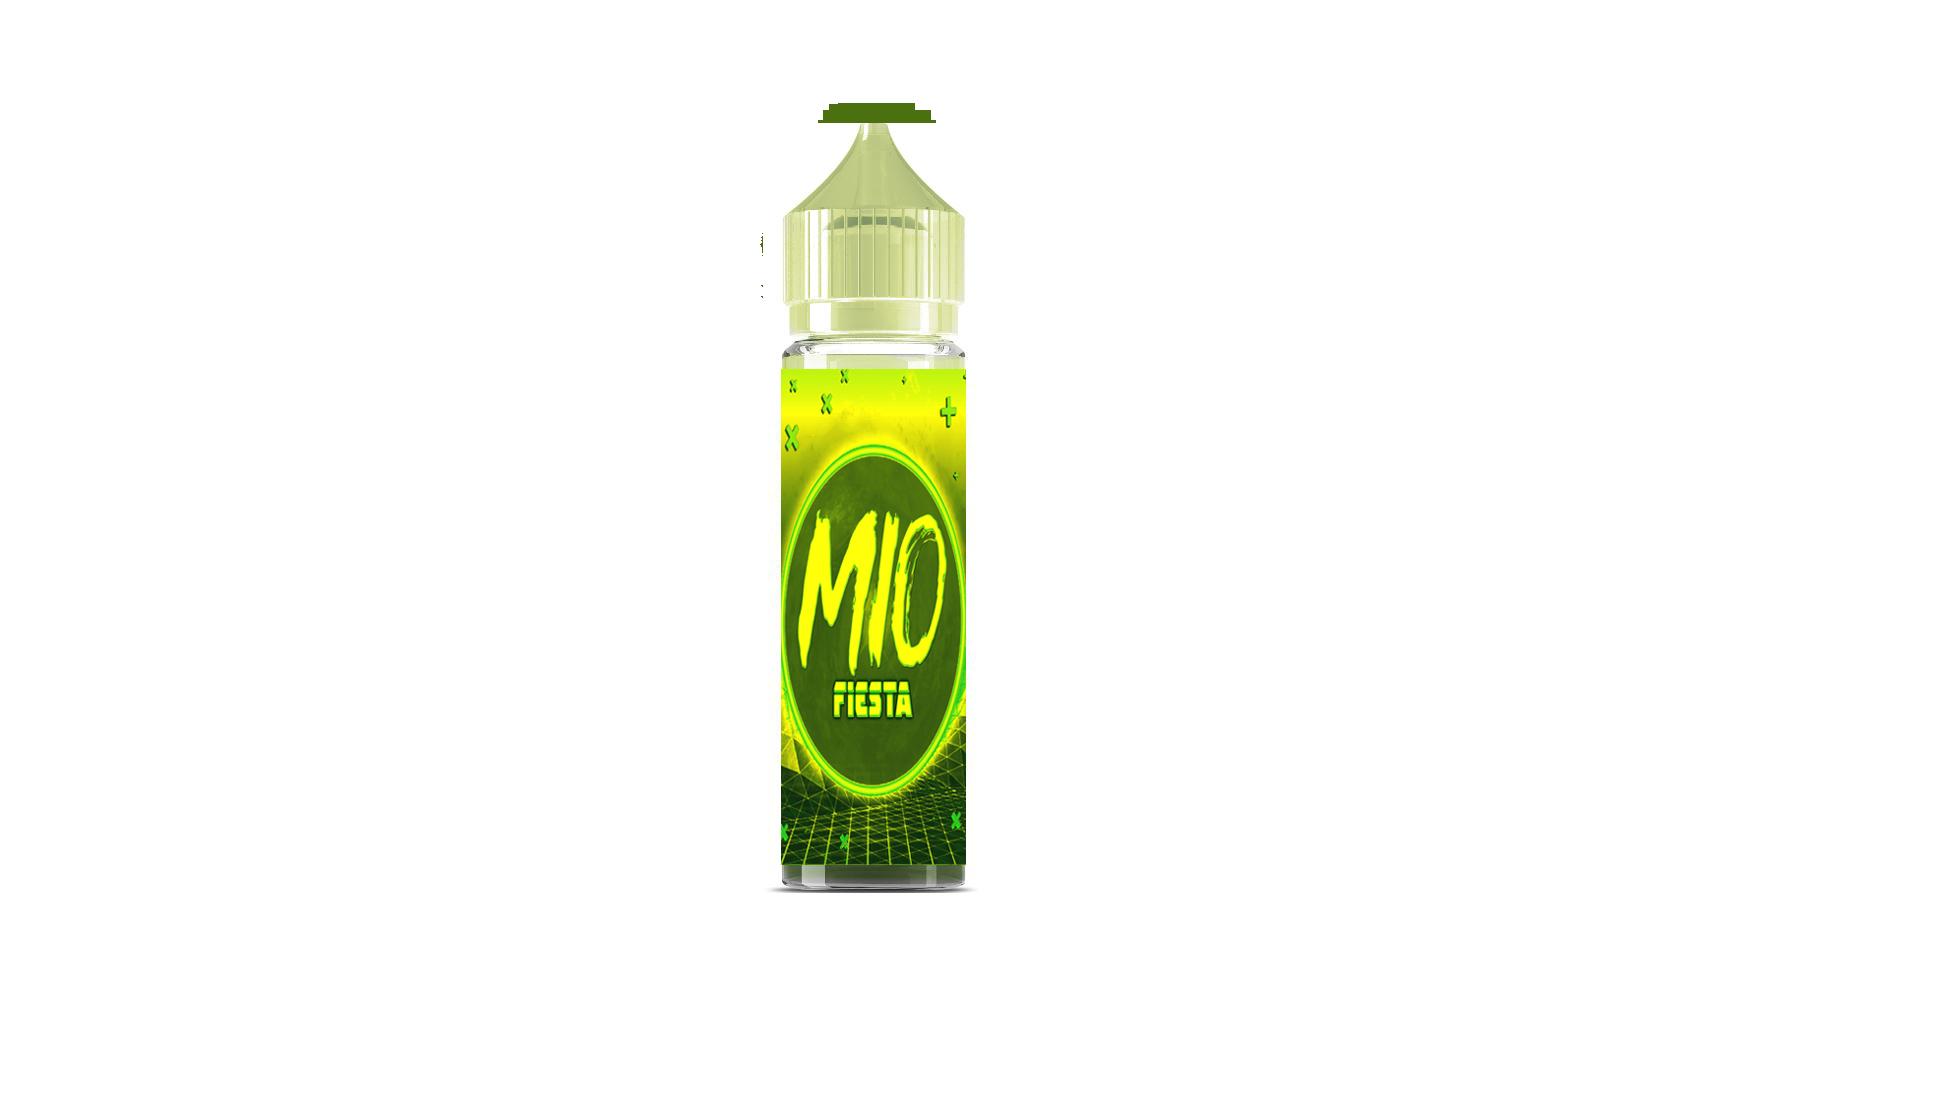 Этикетка для жидкости электронных сигарет  фото f_25258fddc7fd3c1e.png